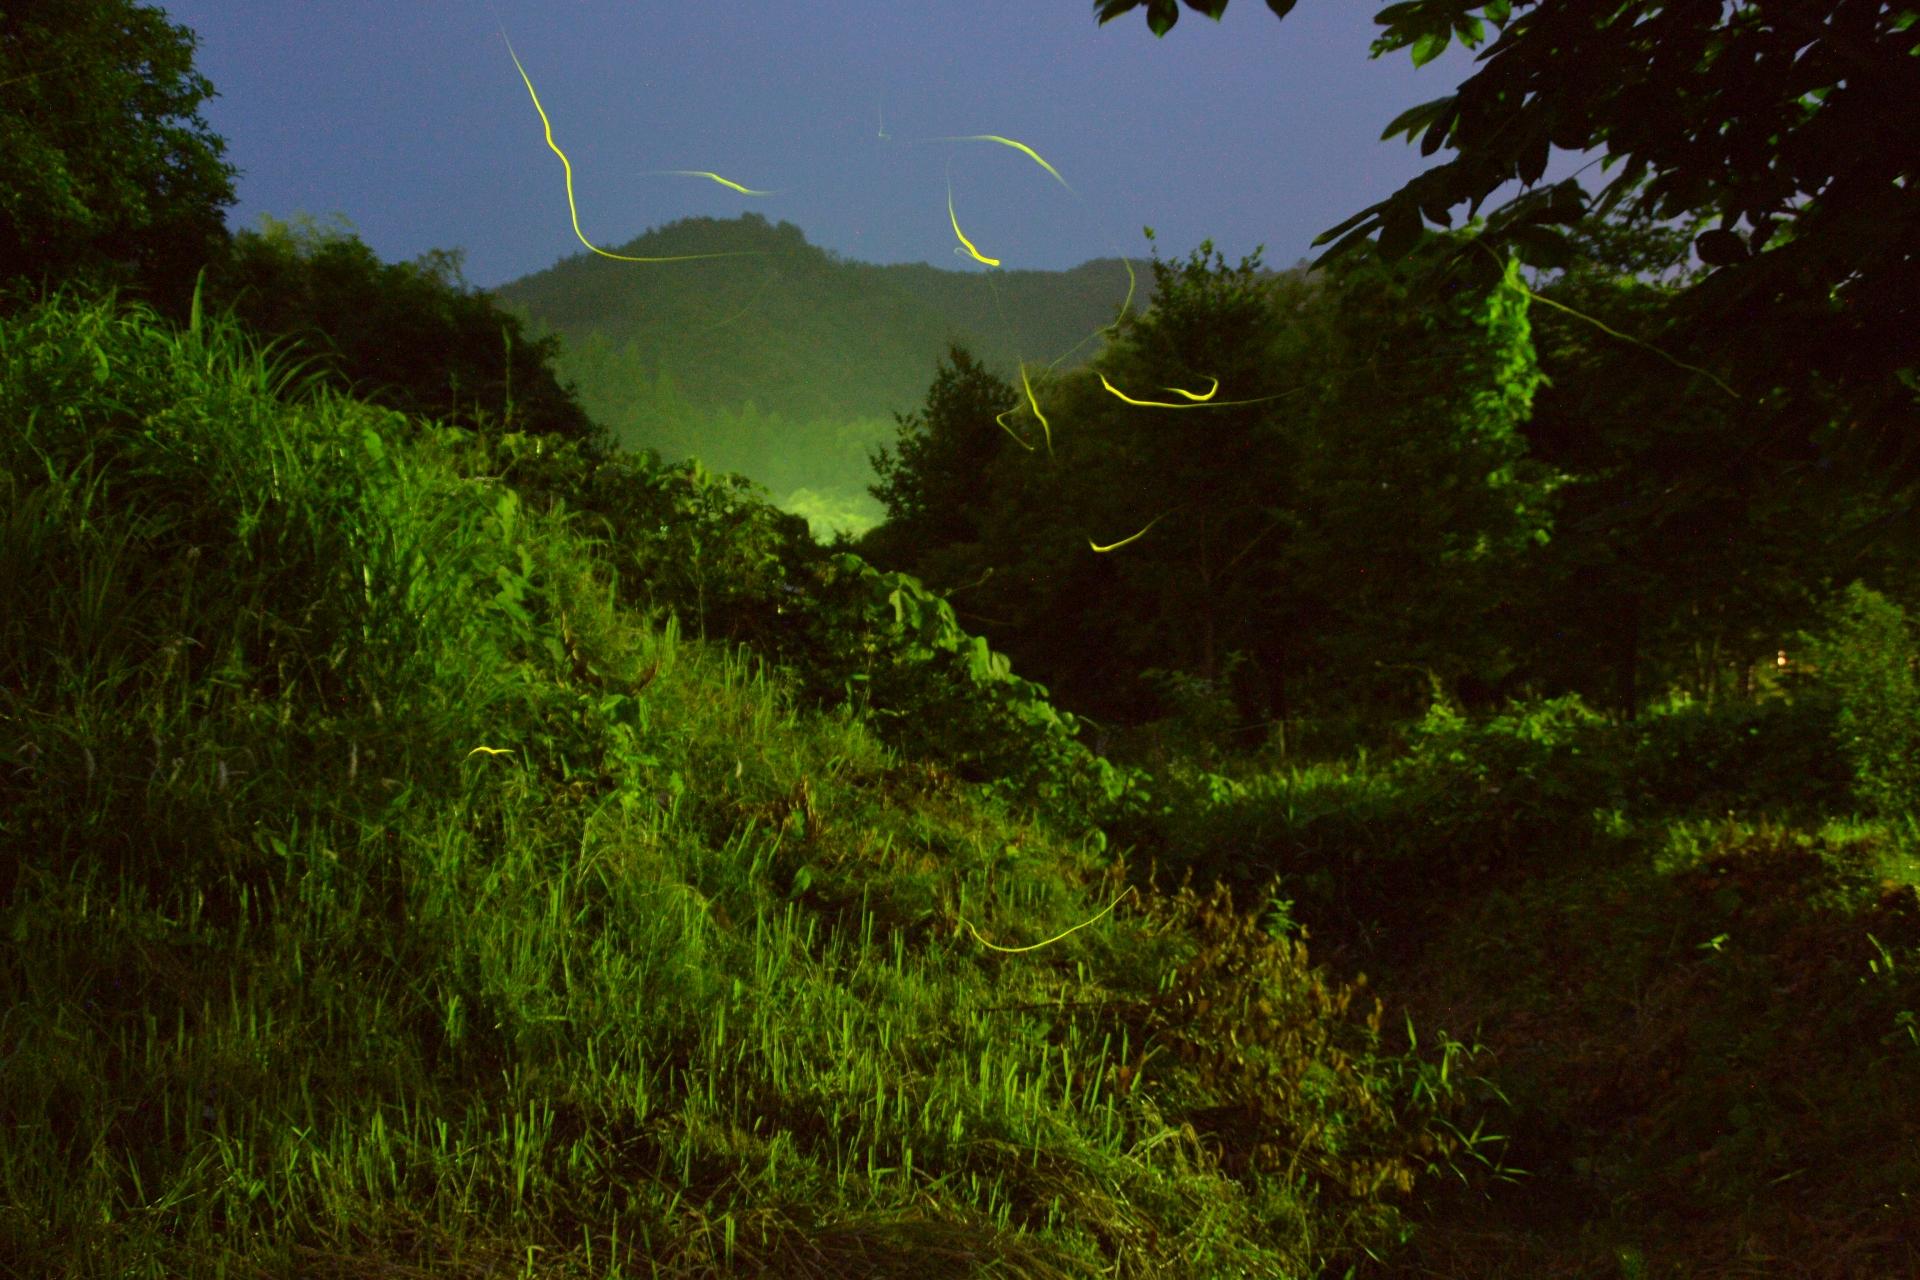 滋賀県でほたるを見る絶景ポイントはここだ!